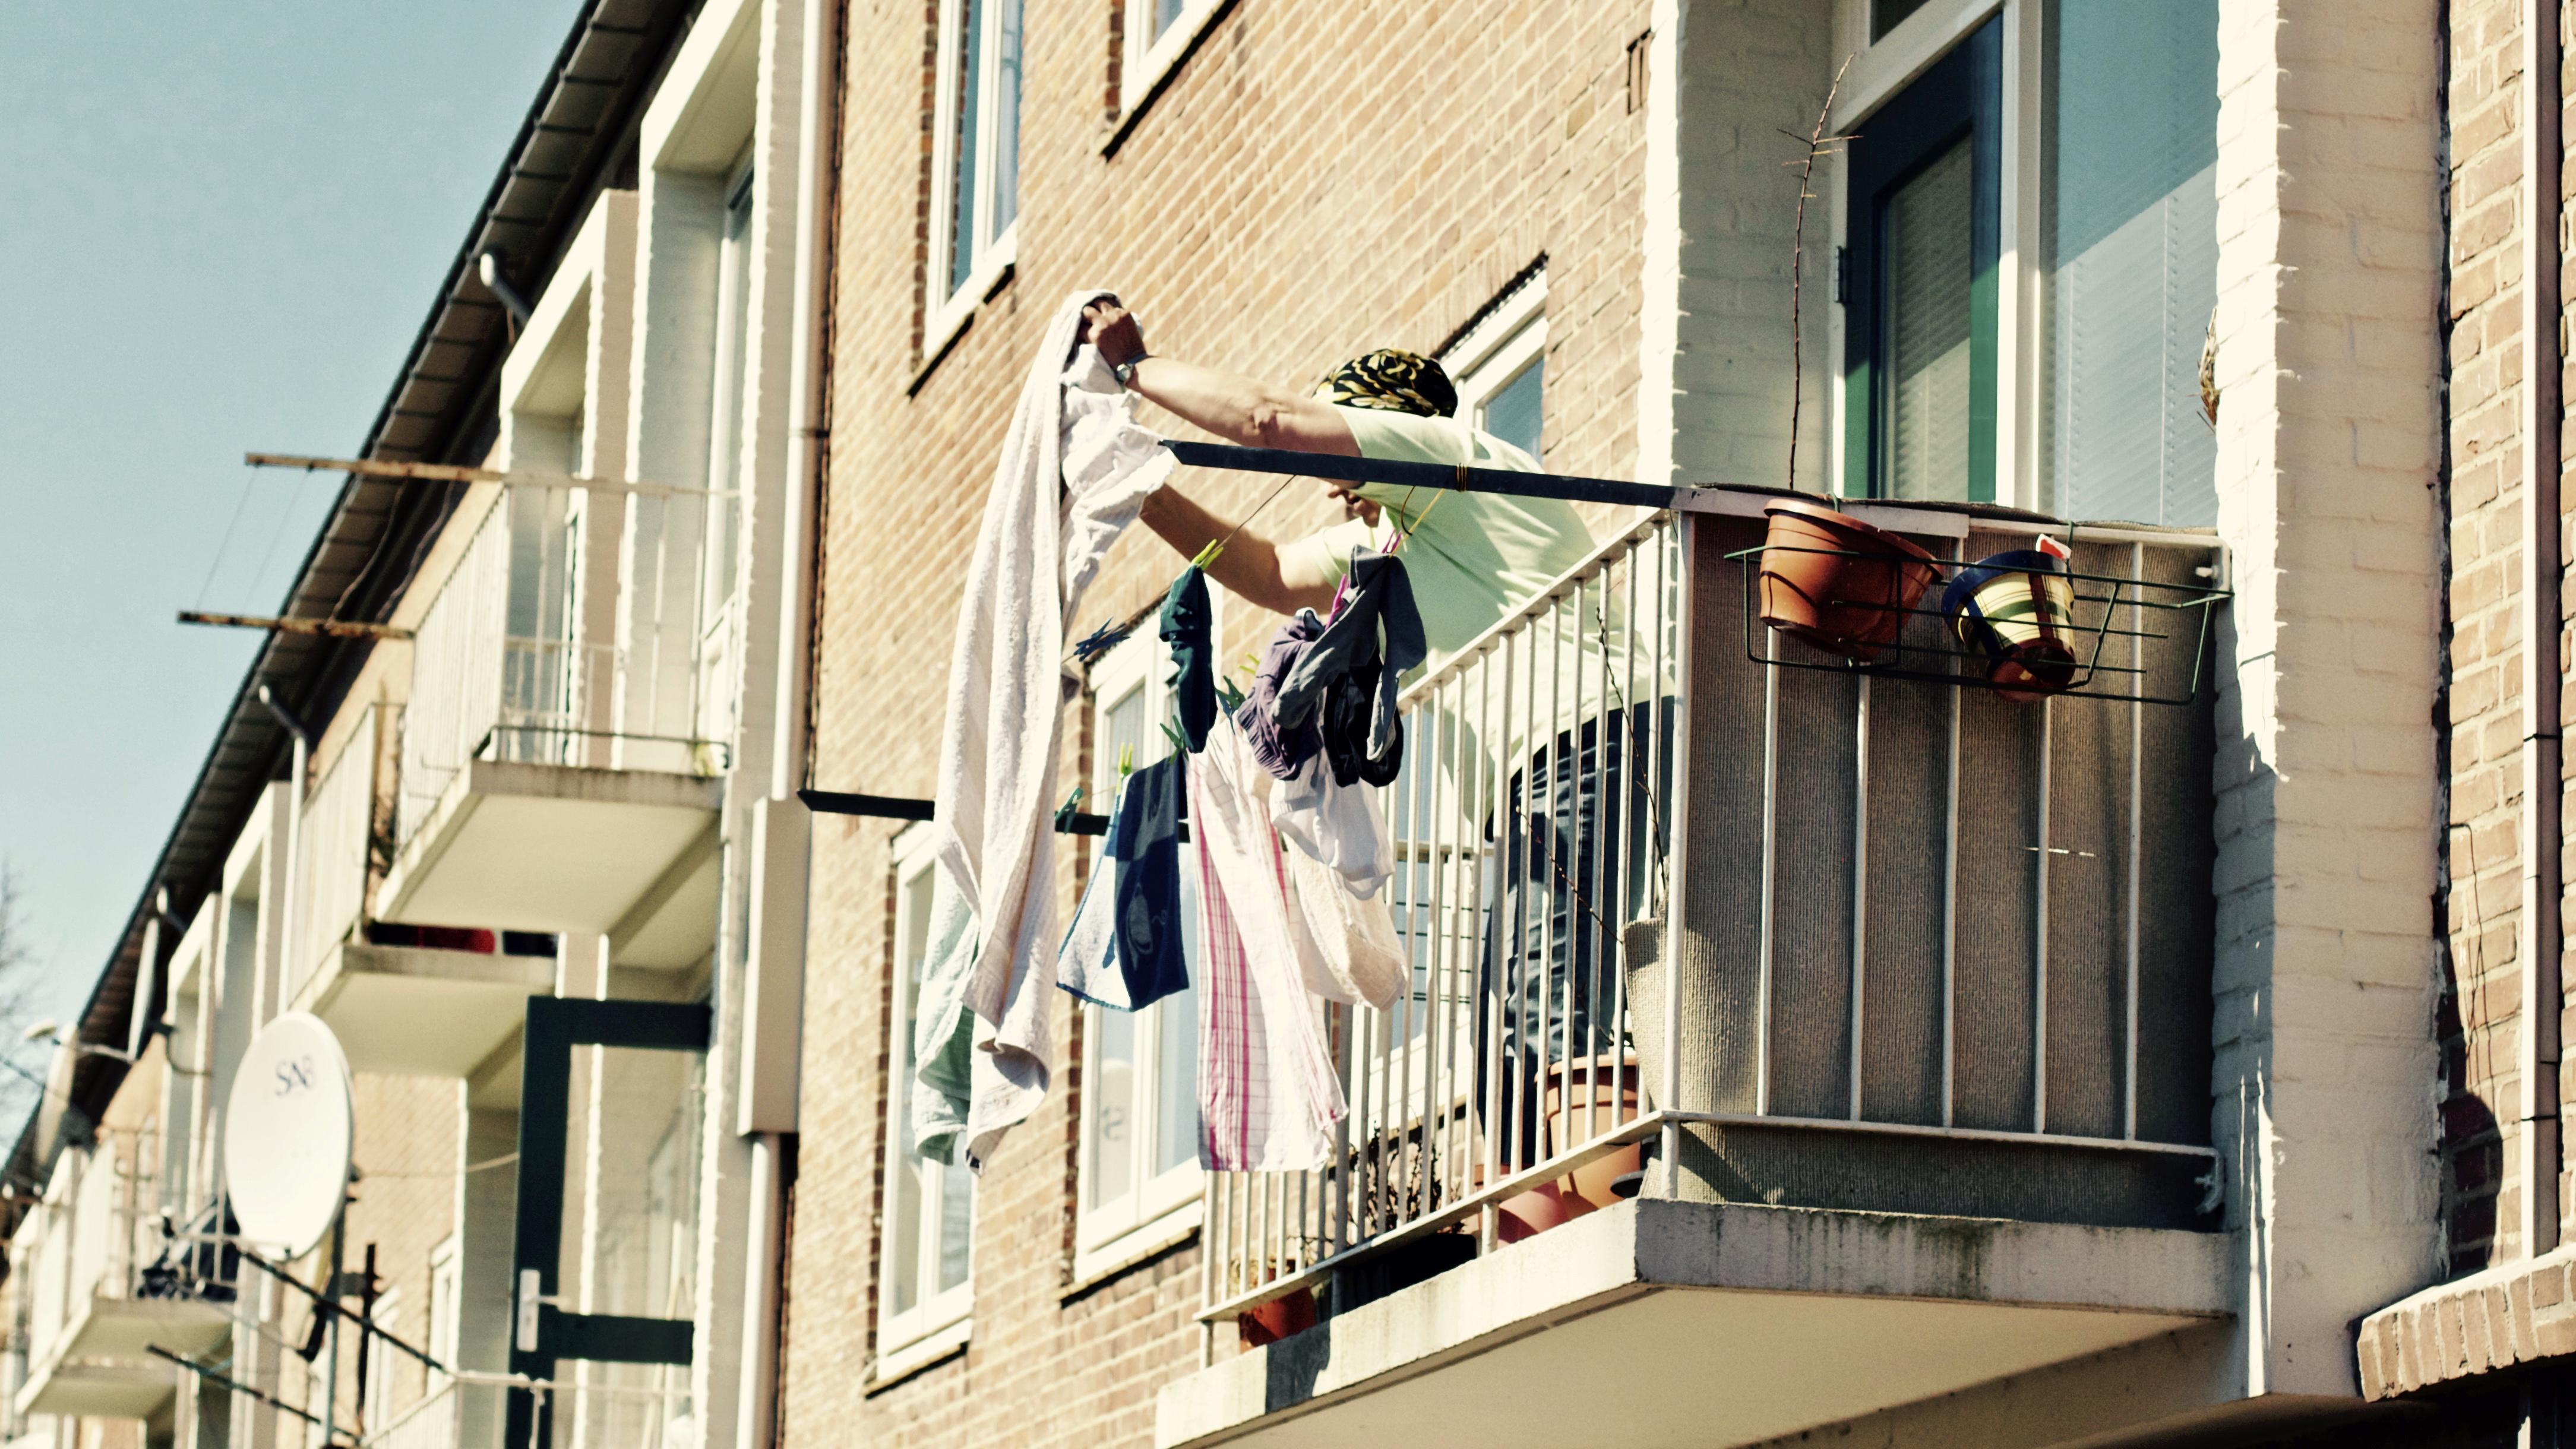 Следователи проверяют мать, свесившую годовалую дочь с балко.